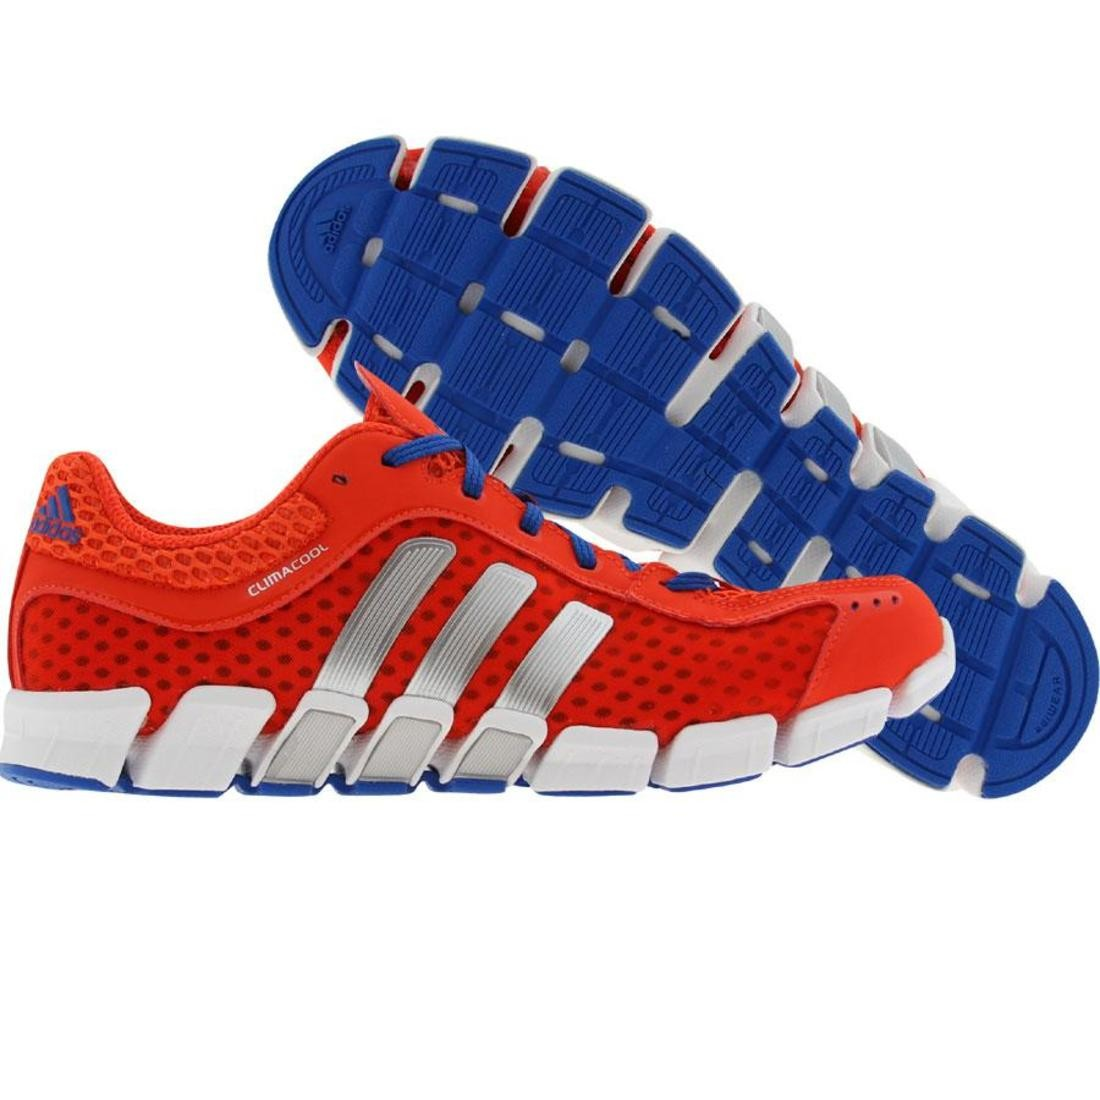 【海外限定】アディダス 銀色 シルバー スニーカー 靴 【 ADIDAS SILVER CC LEAP M HIGENE METALLIC PRI BLUE 】